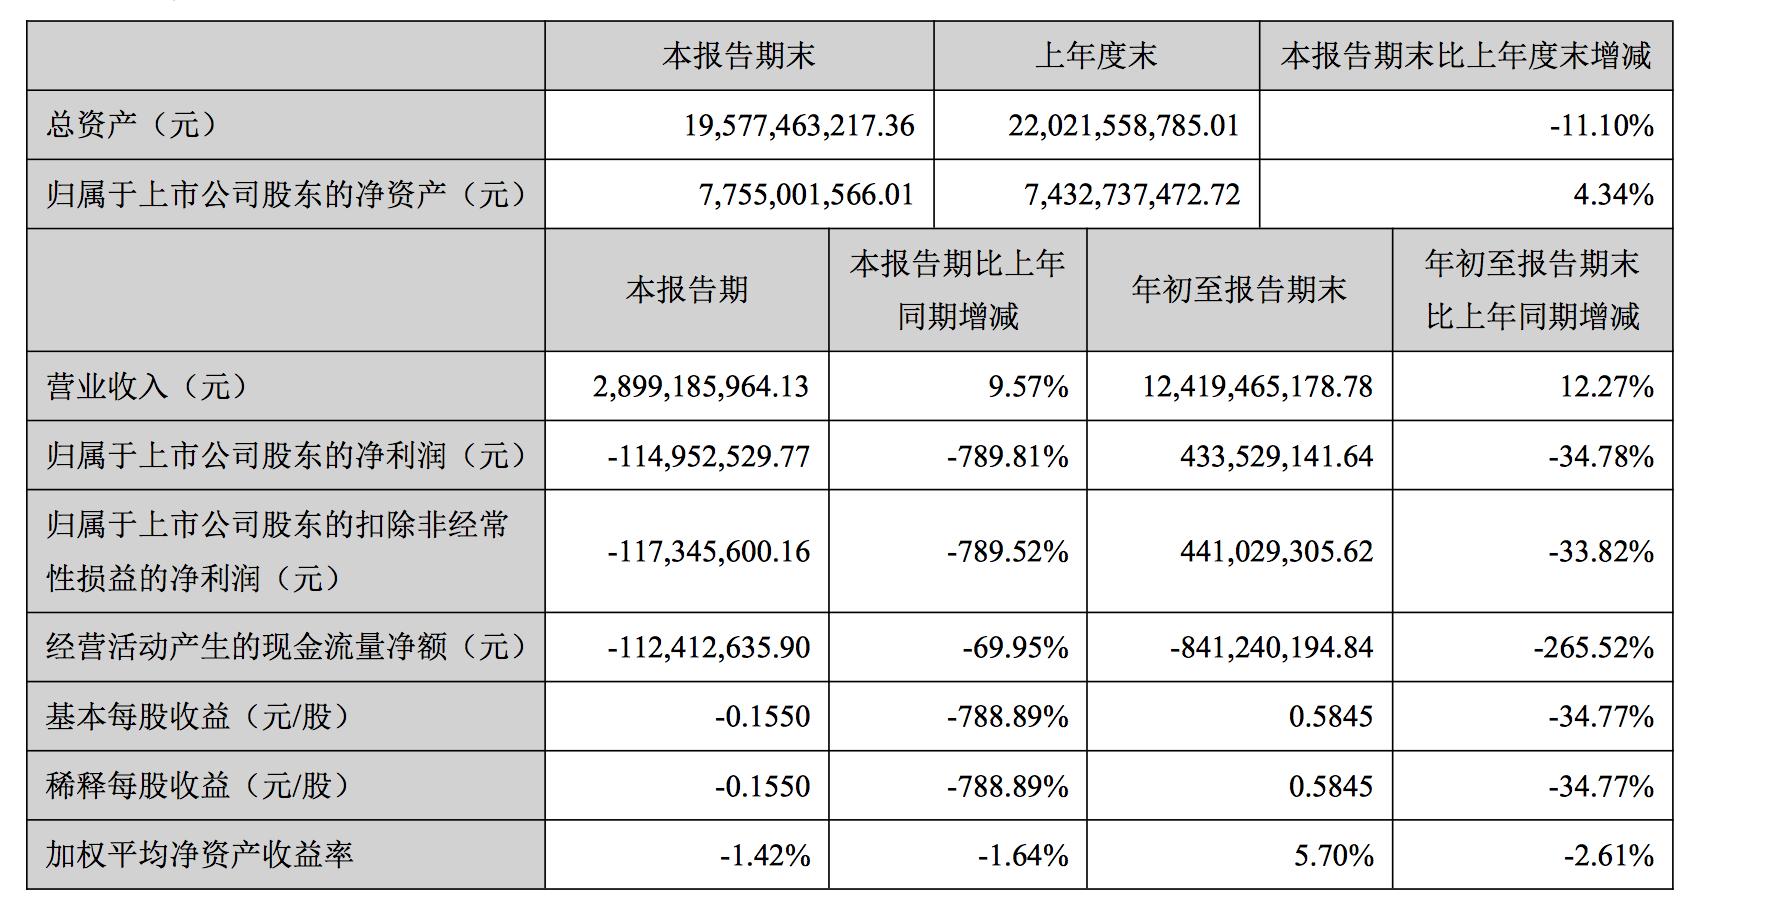 华美官网注册:%至4华美官网注册34图片